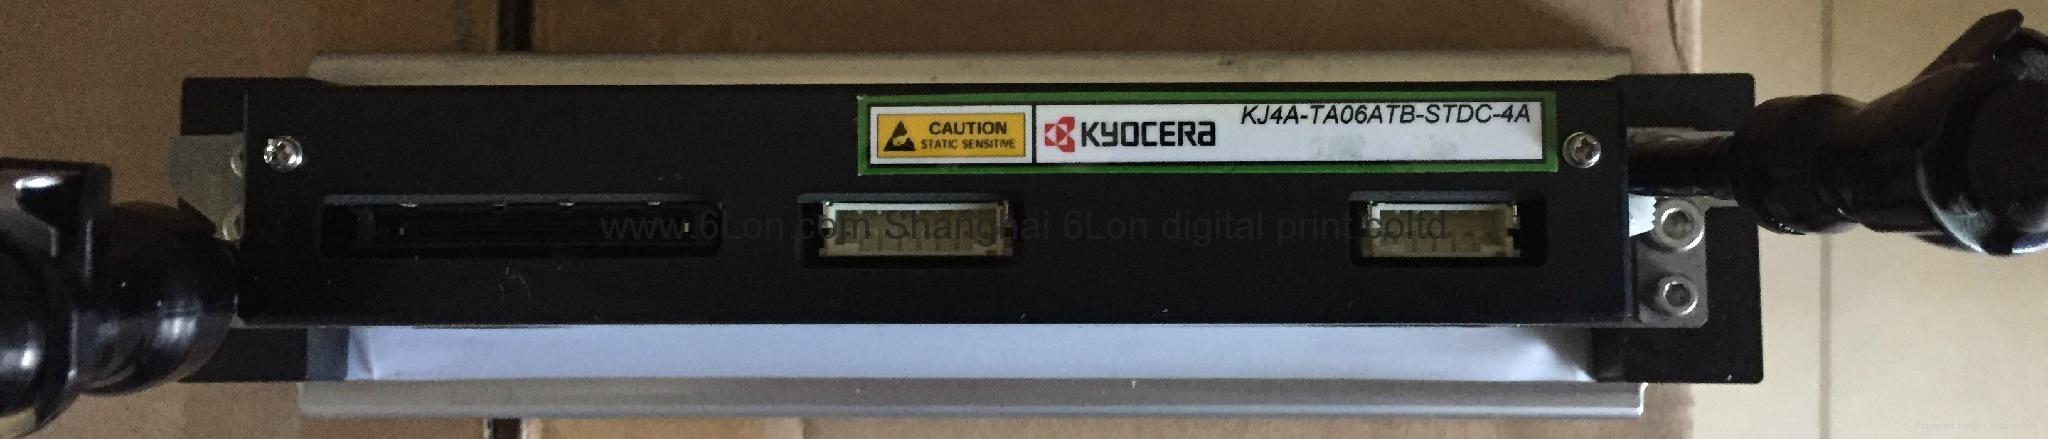 京瓷 KJ4A-TA06ATB-STDC-4A喷墨打印头